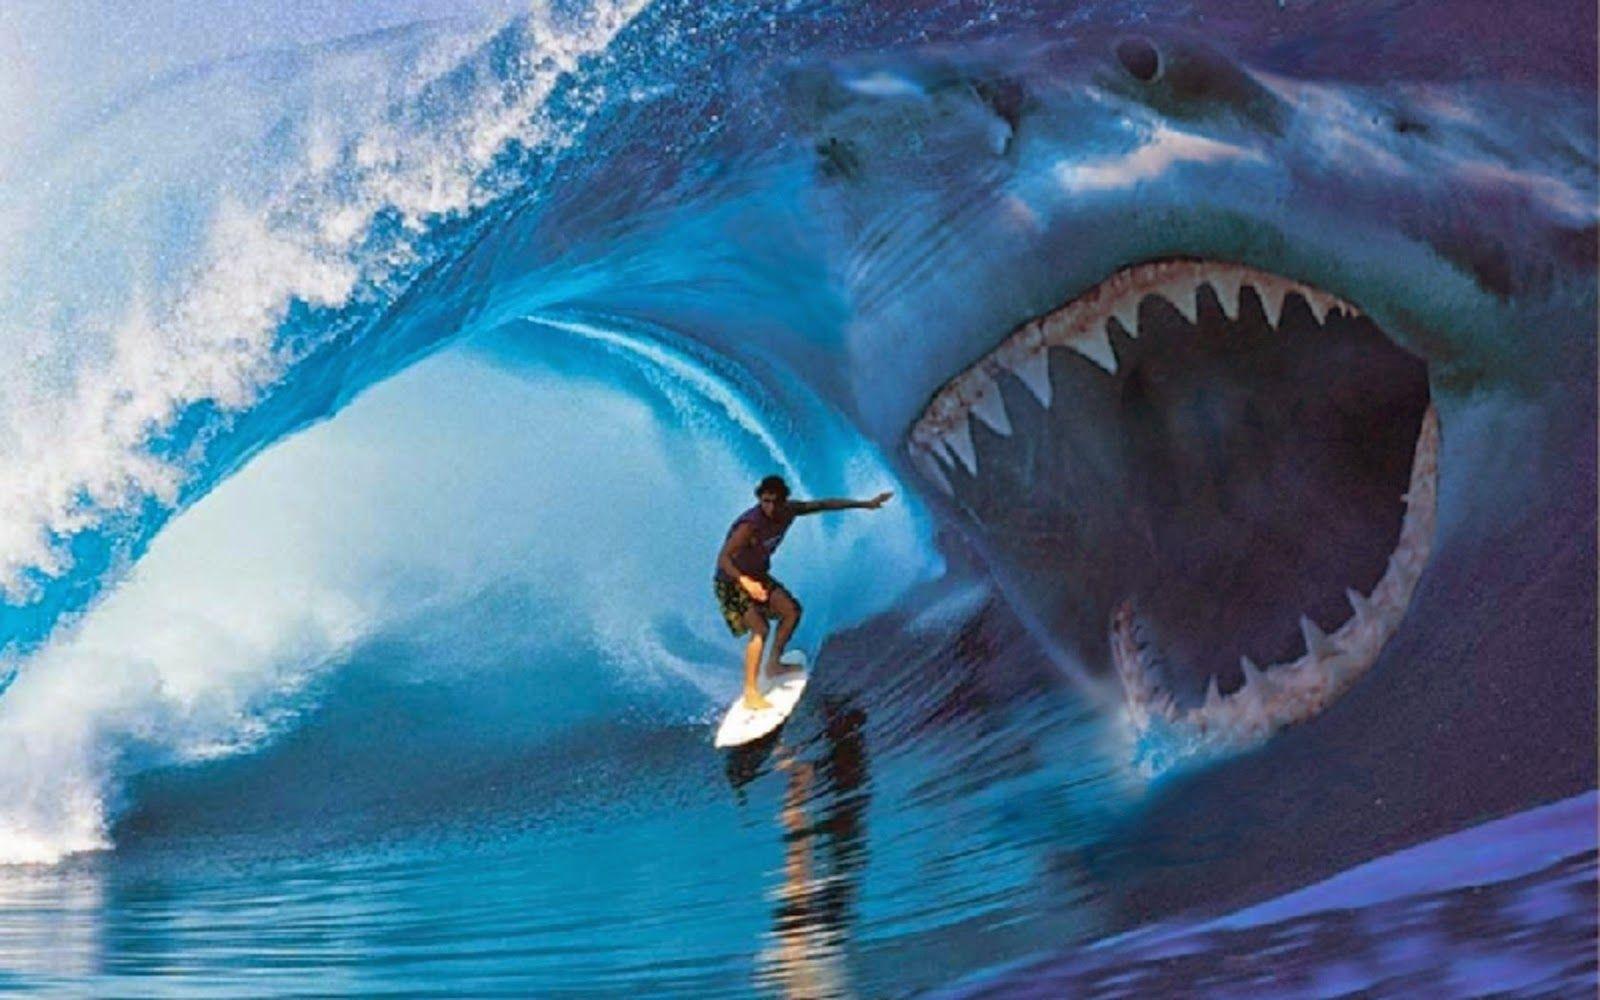 shark attack | Sharks | Megalodon shark videos, Megalodon shark